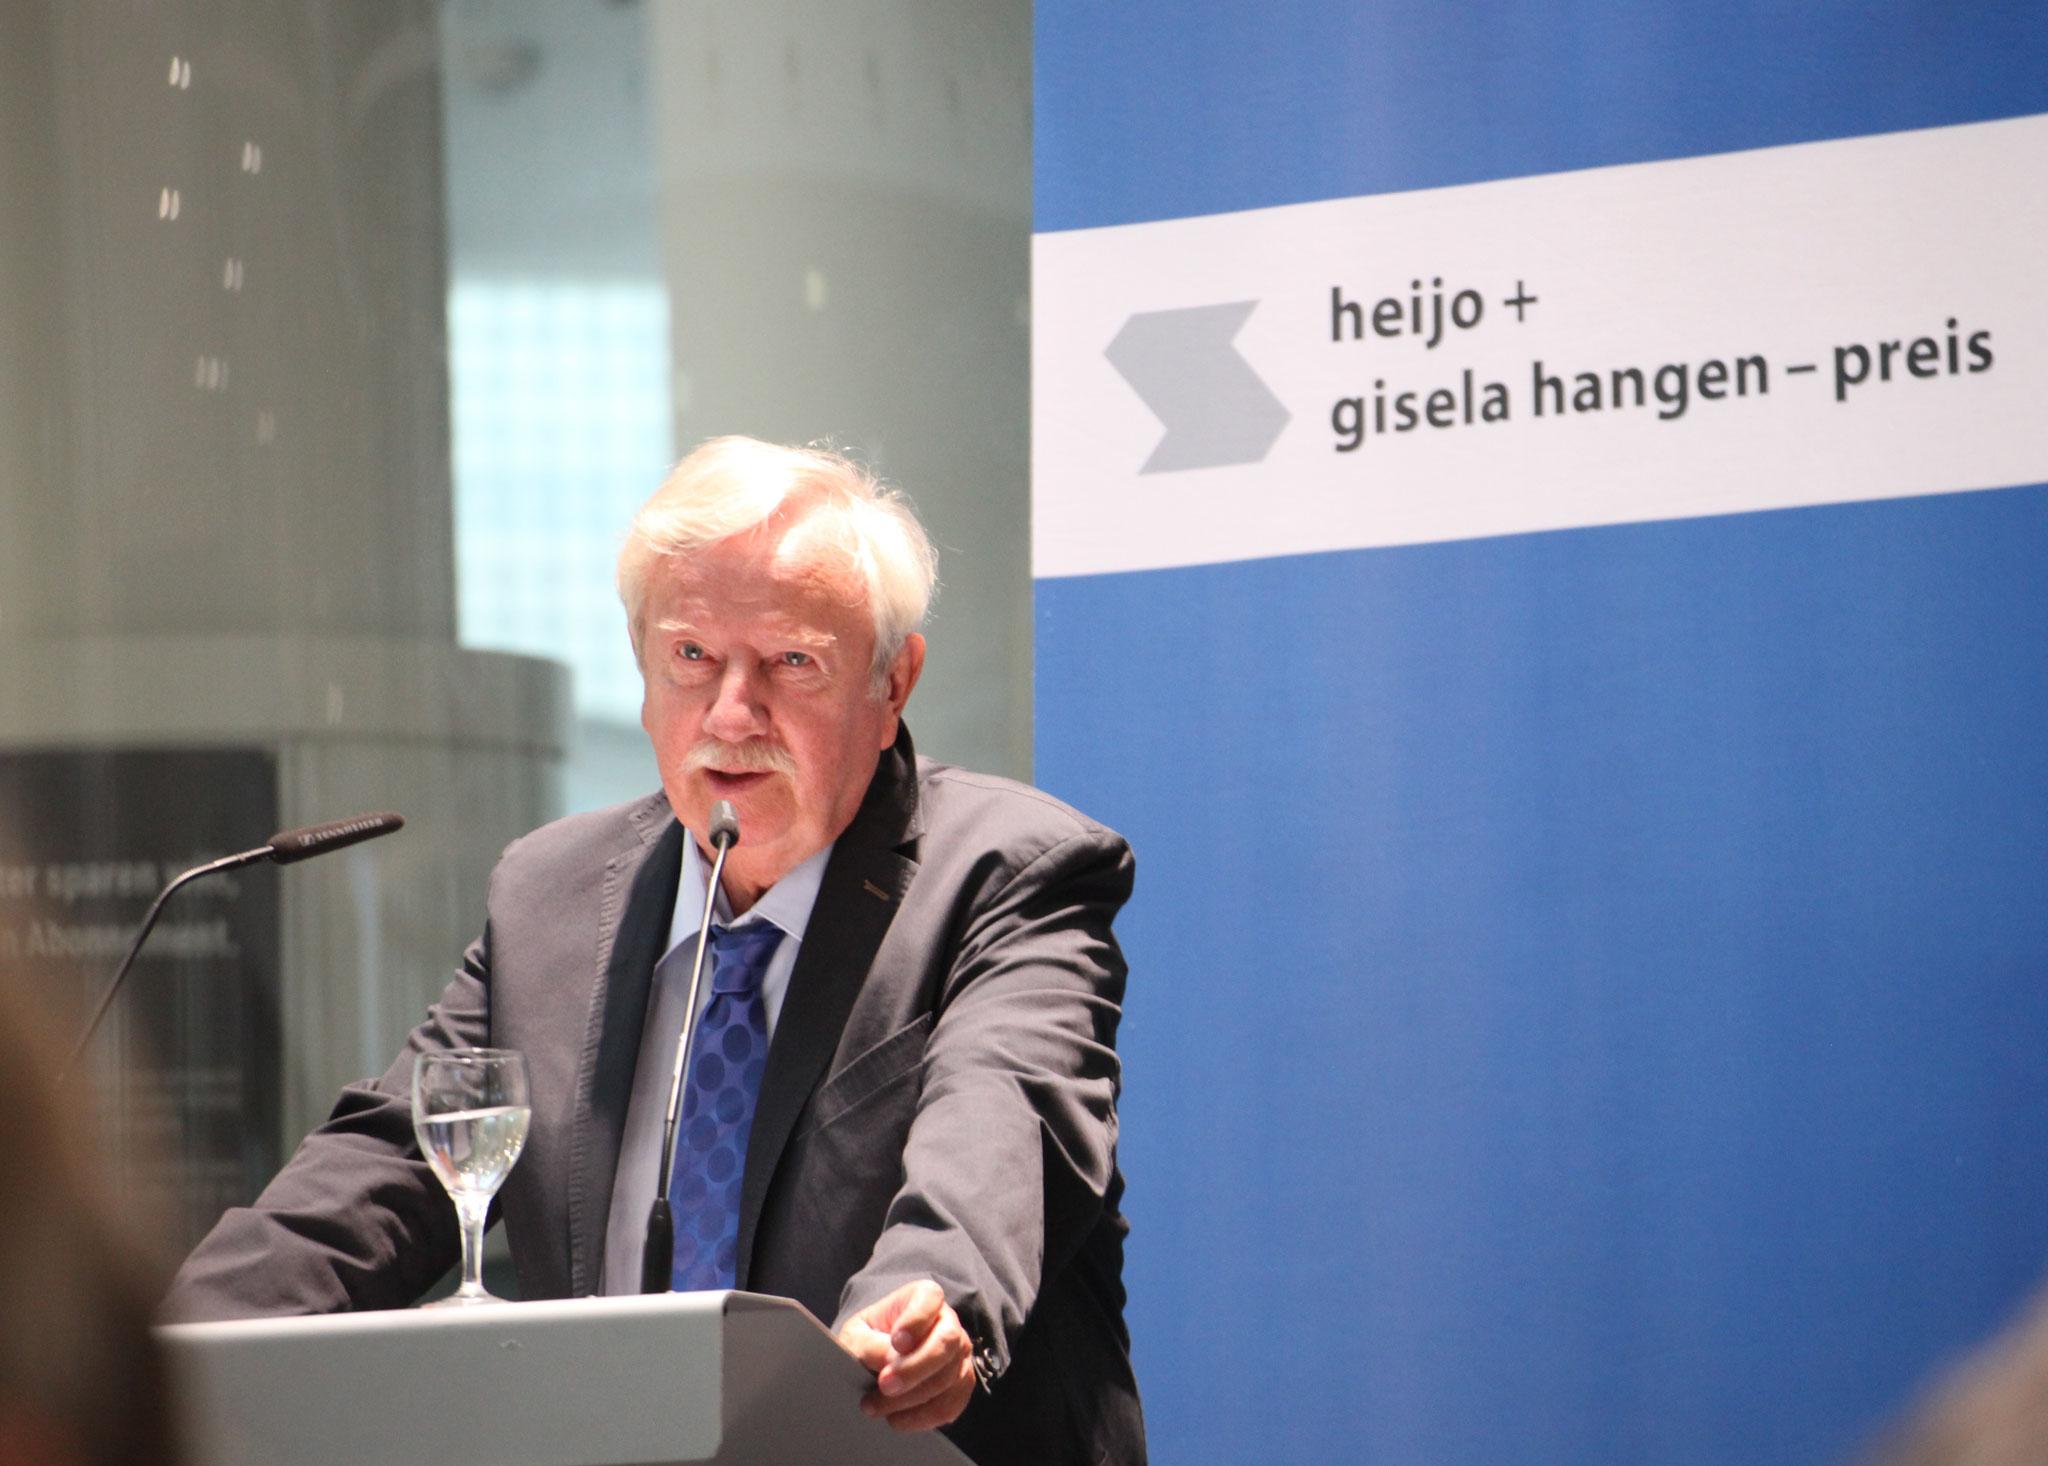 Hans-Peter Riese, Mitglied des Vorstandes der heijo + gisela hangen-stiftung